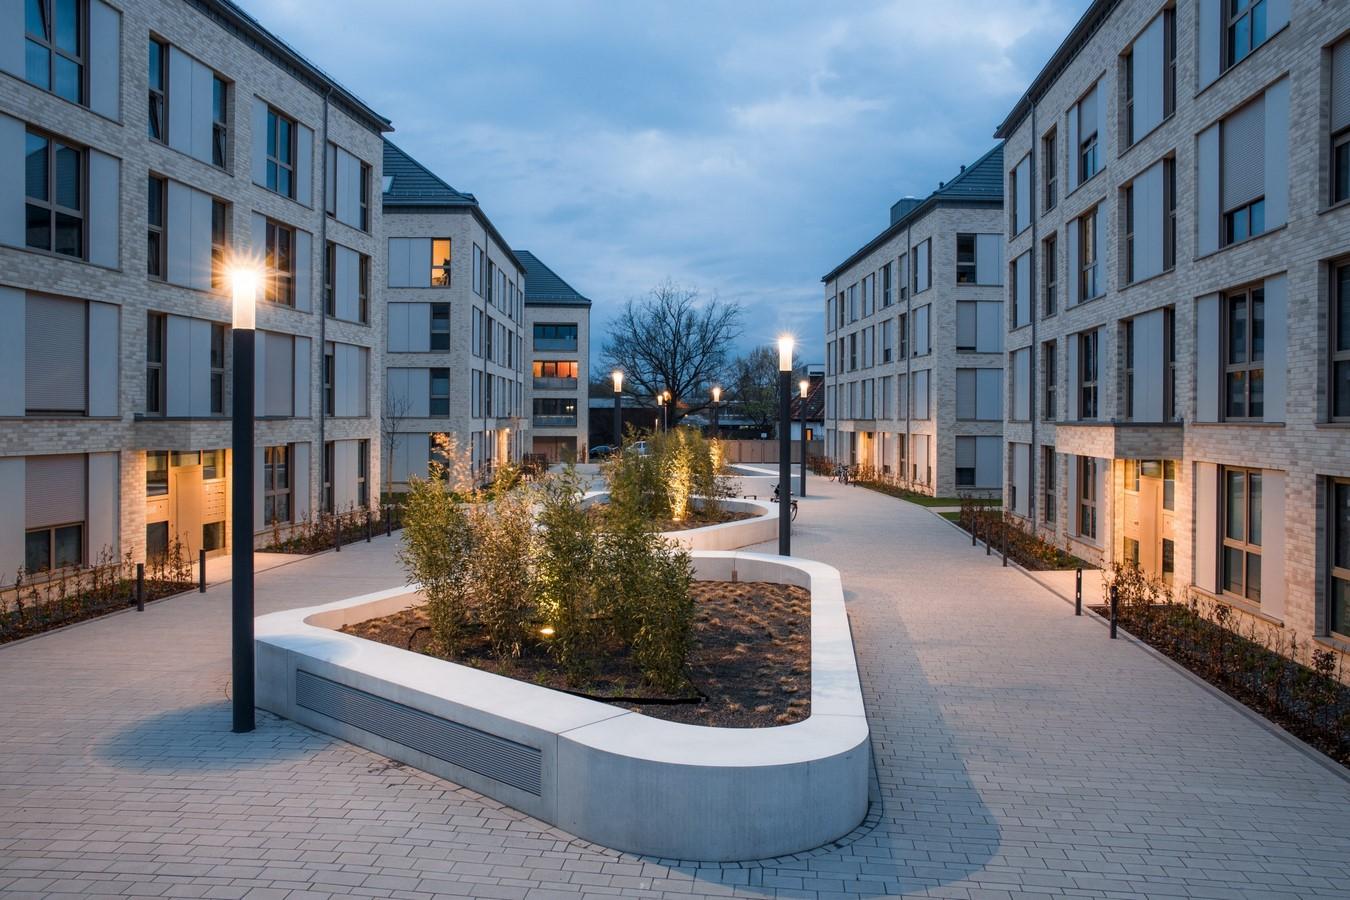 Architects in Hannover - Top 60 Architects in Hannover - Sheet5